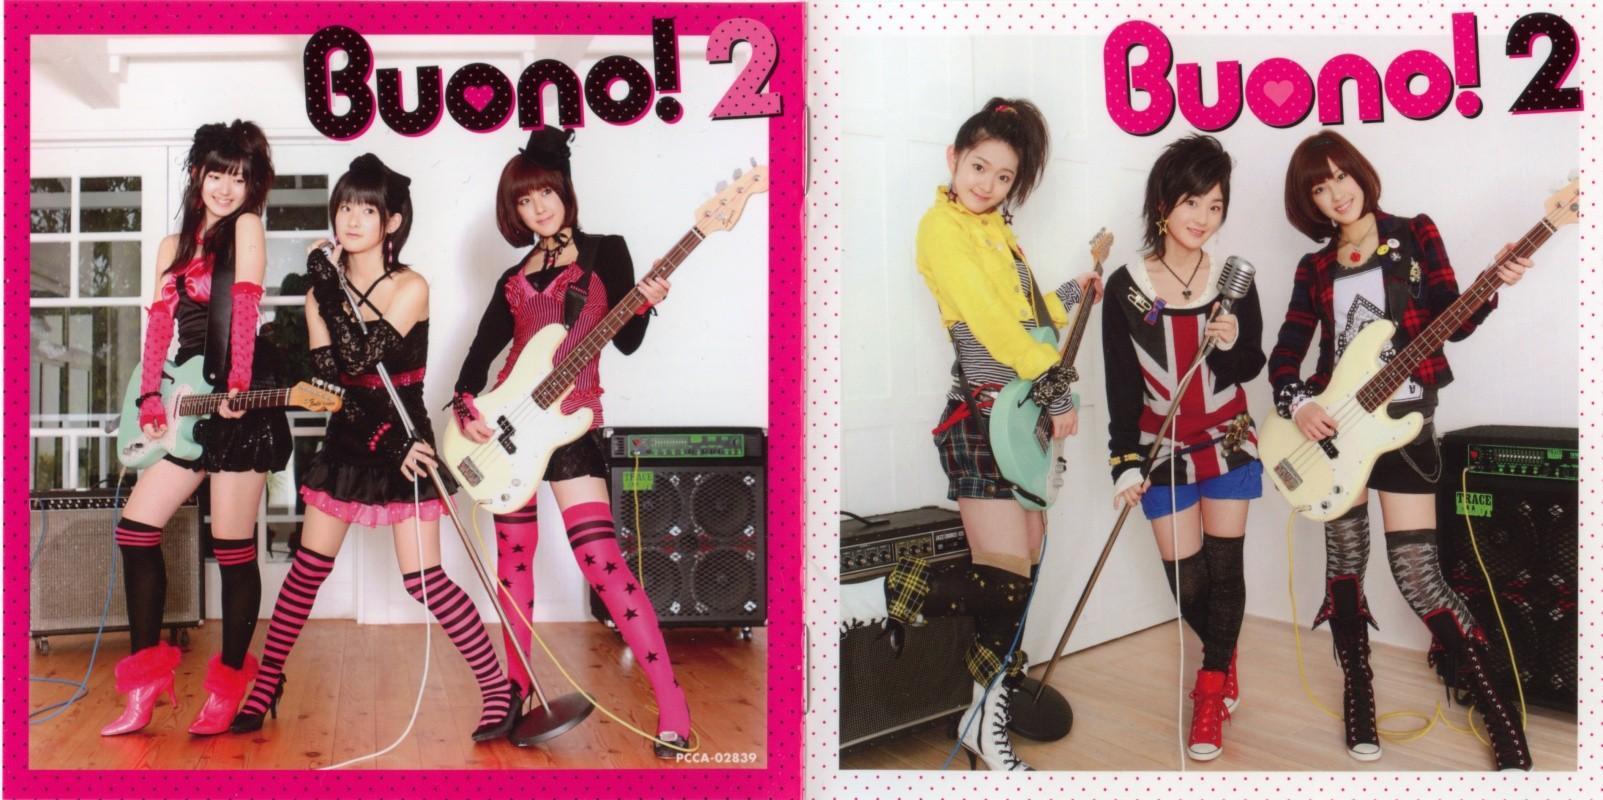 CD「Buono! 2 (初回限定盤)/Buono!」